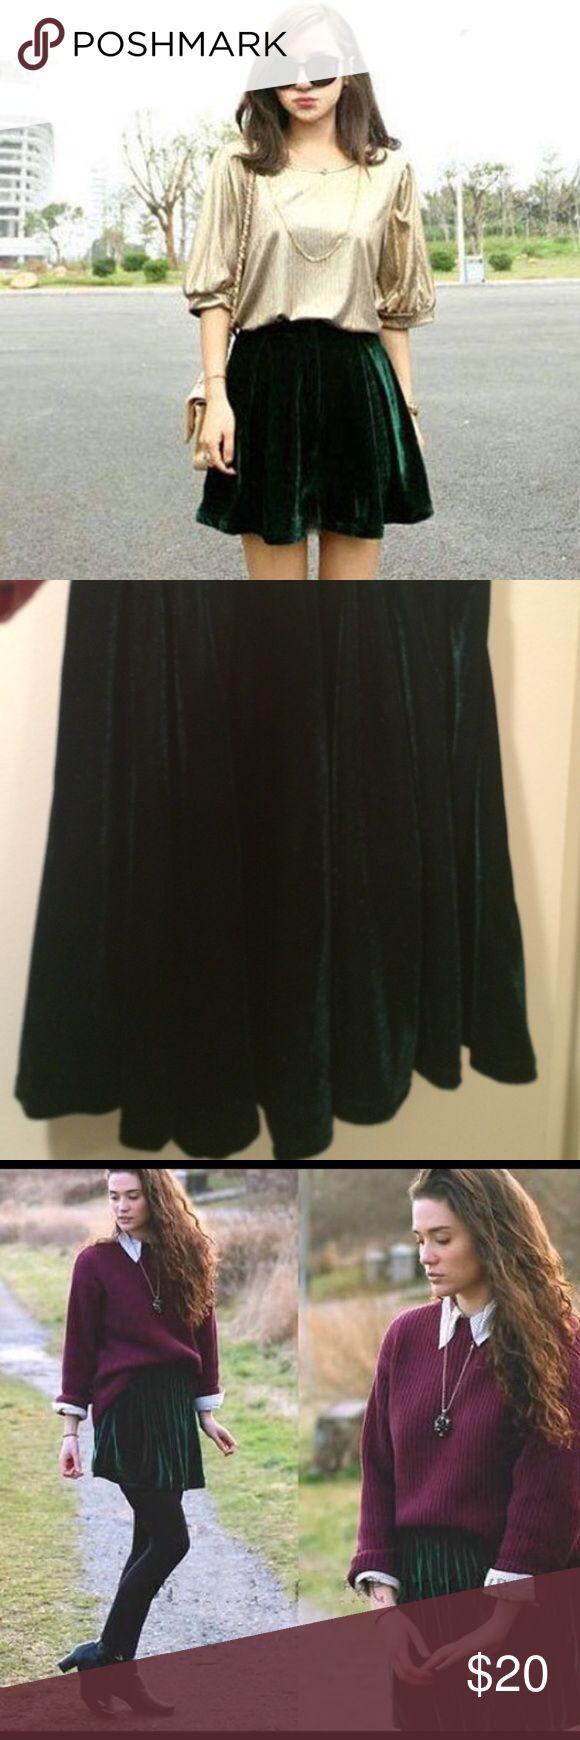 Velvet skater skirt Adorable velvet skater skirt, only worn a few times. Like new condition. Urban Outfitters Skirts Mini